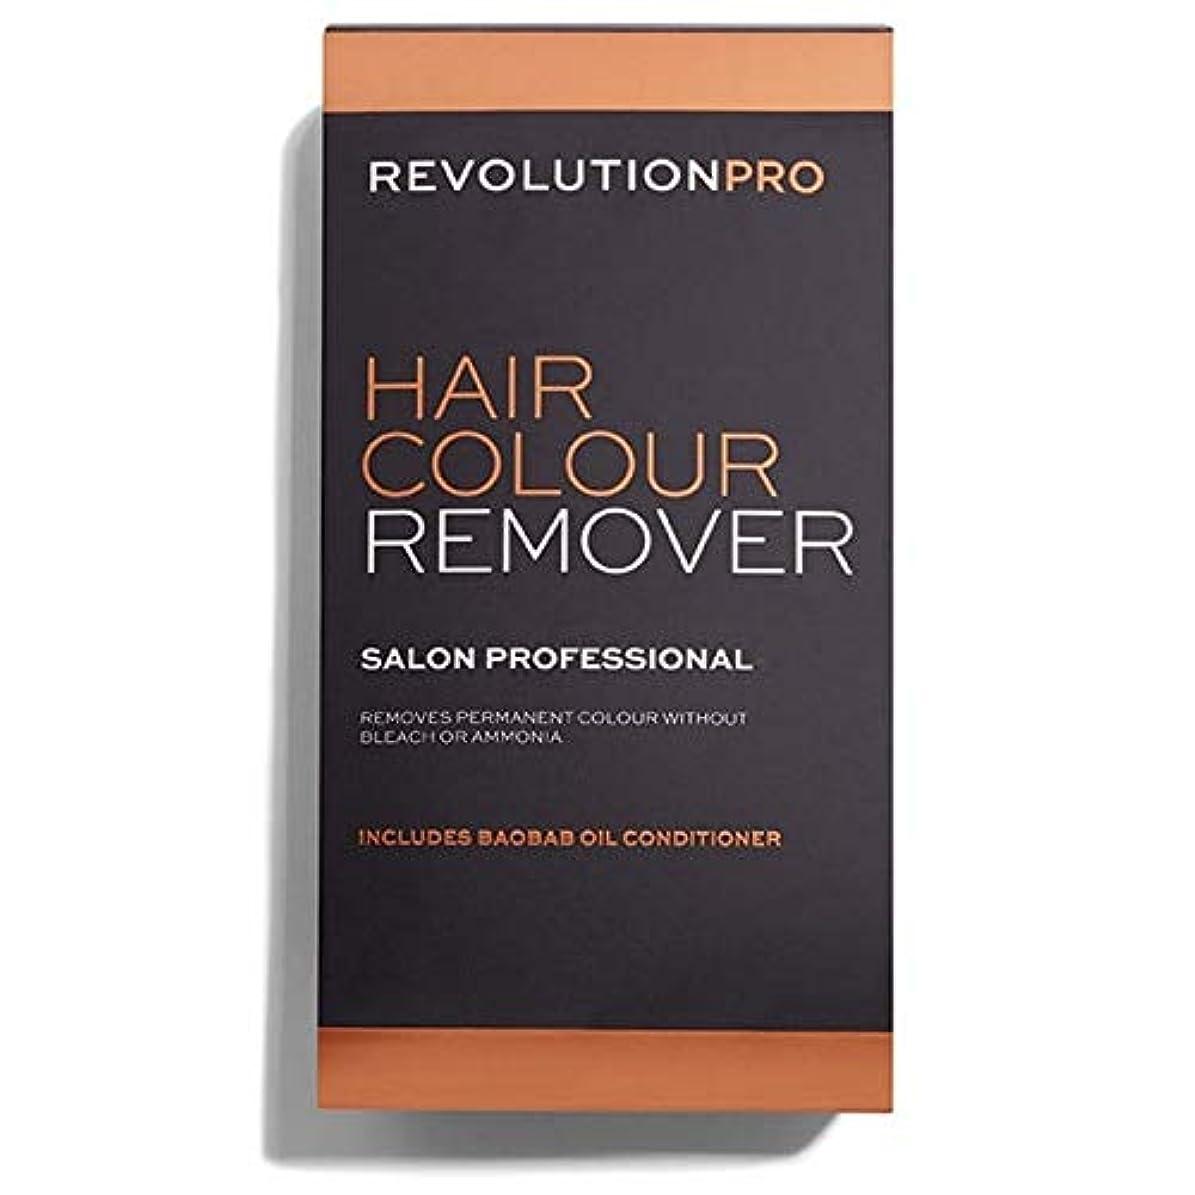 道徳教育愛されし者虐待[Hair Revolution] 革命プロのヘアカラーリムーバー - Revolution PRO Hair Colour Remover [並行輸入品]